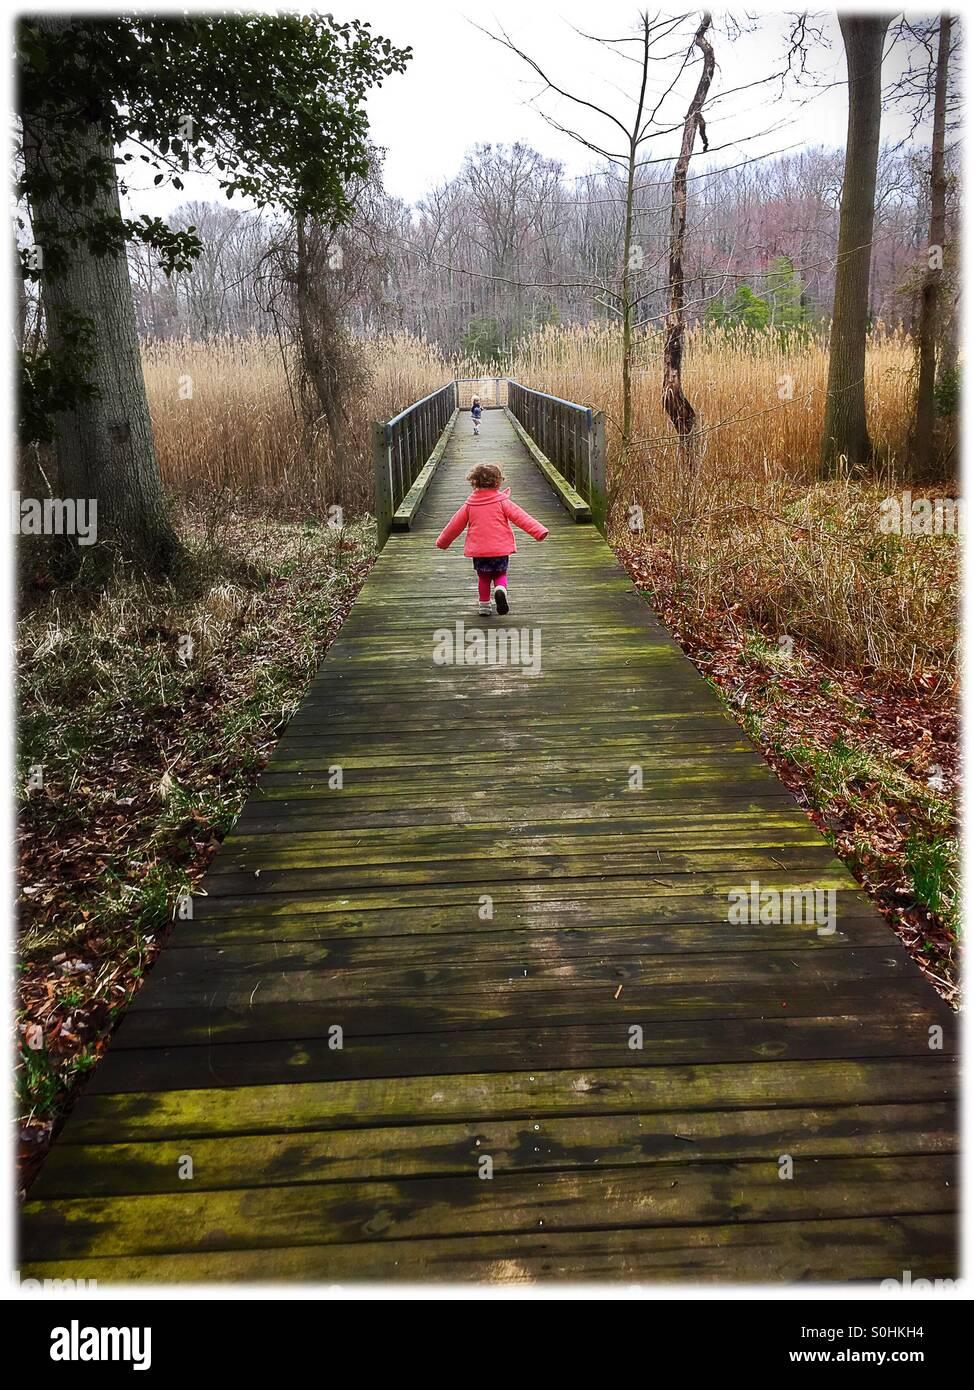 Toddler correndo ao longo de uma passarela no centro de natureza Imagens de Stock